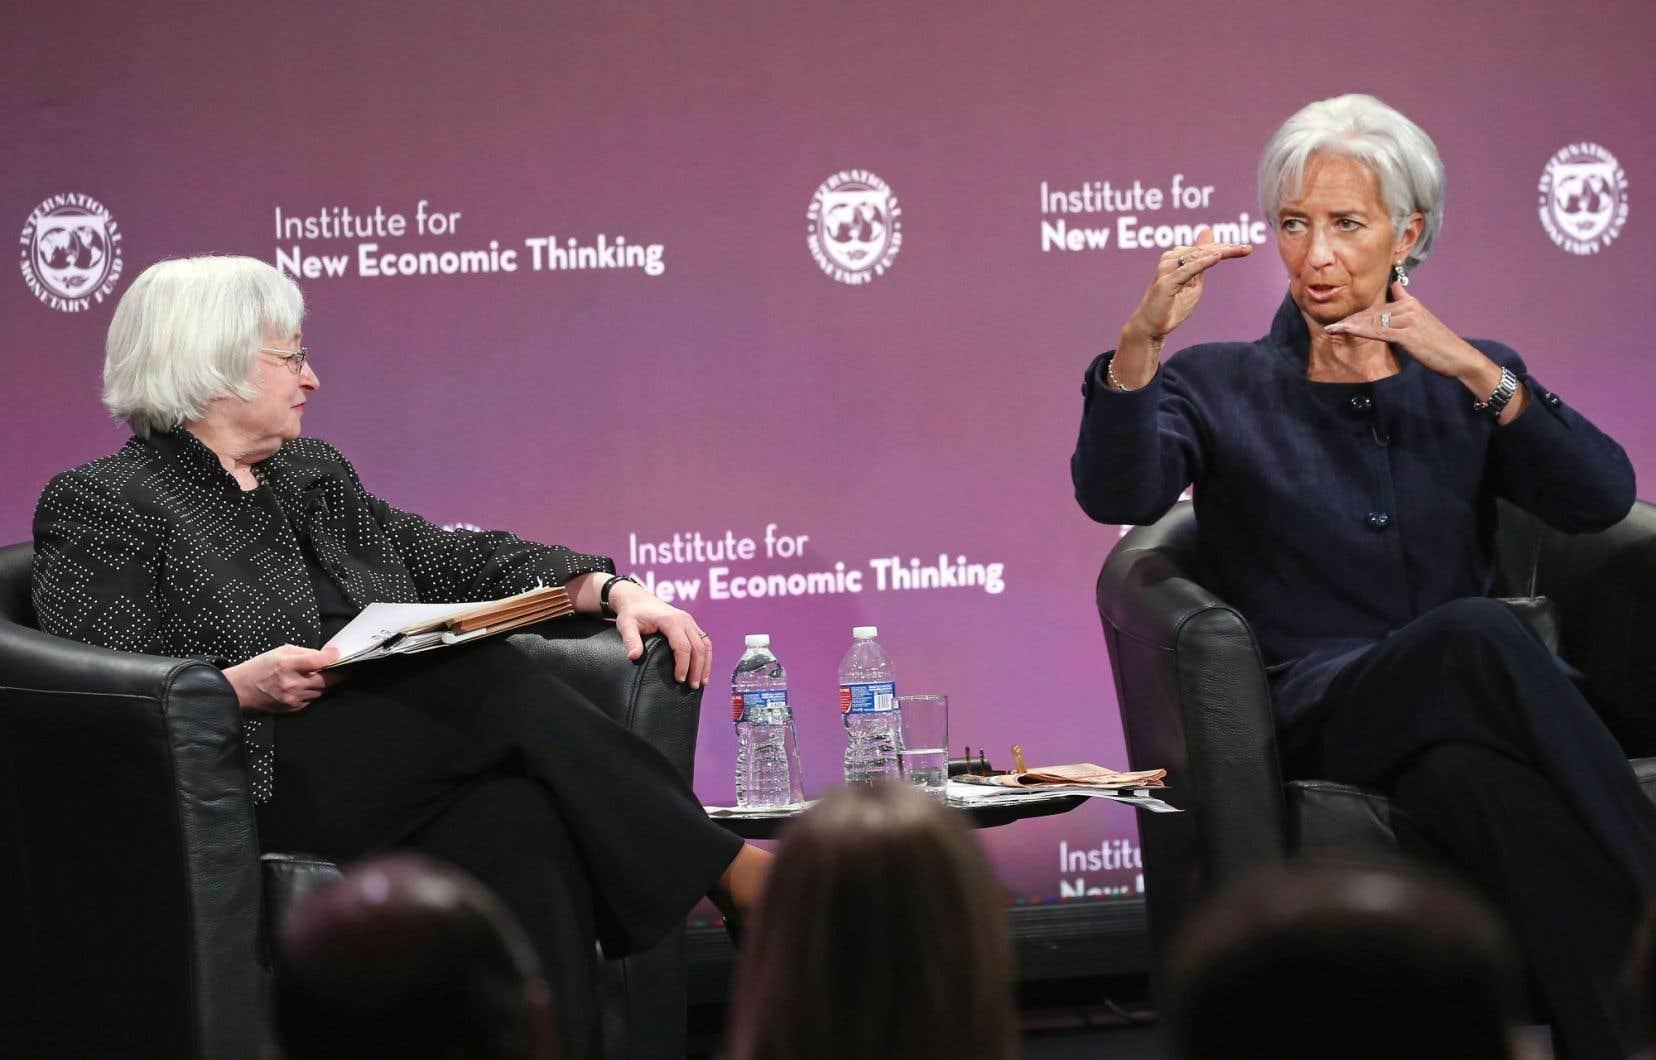 La directrice générale du FMI, Christine Lagarde (à droite), participait mardi à une conférende à Washington en compagnie de la présidente de la Réserve fédérale américaine, Janet Yellen.